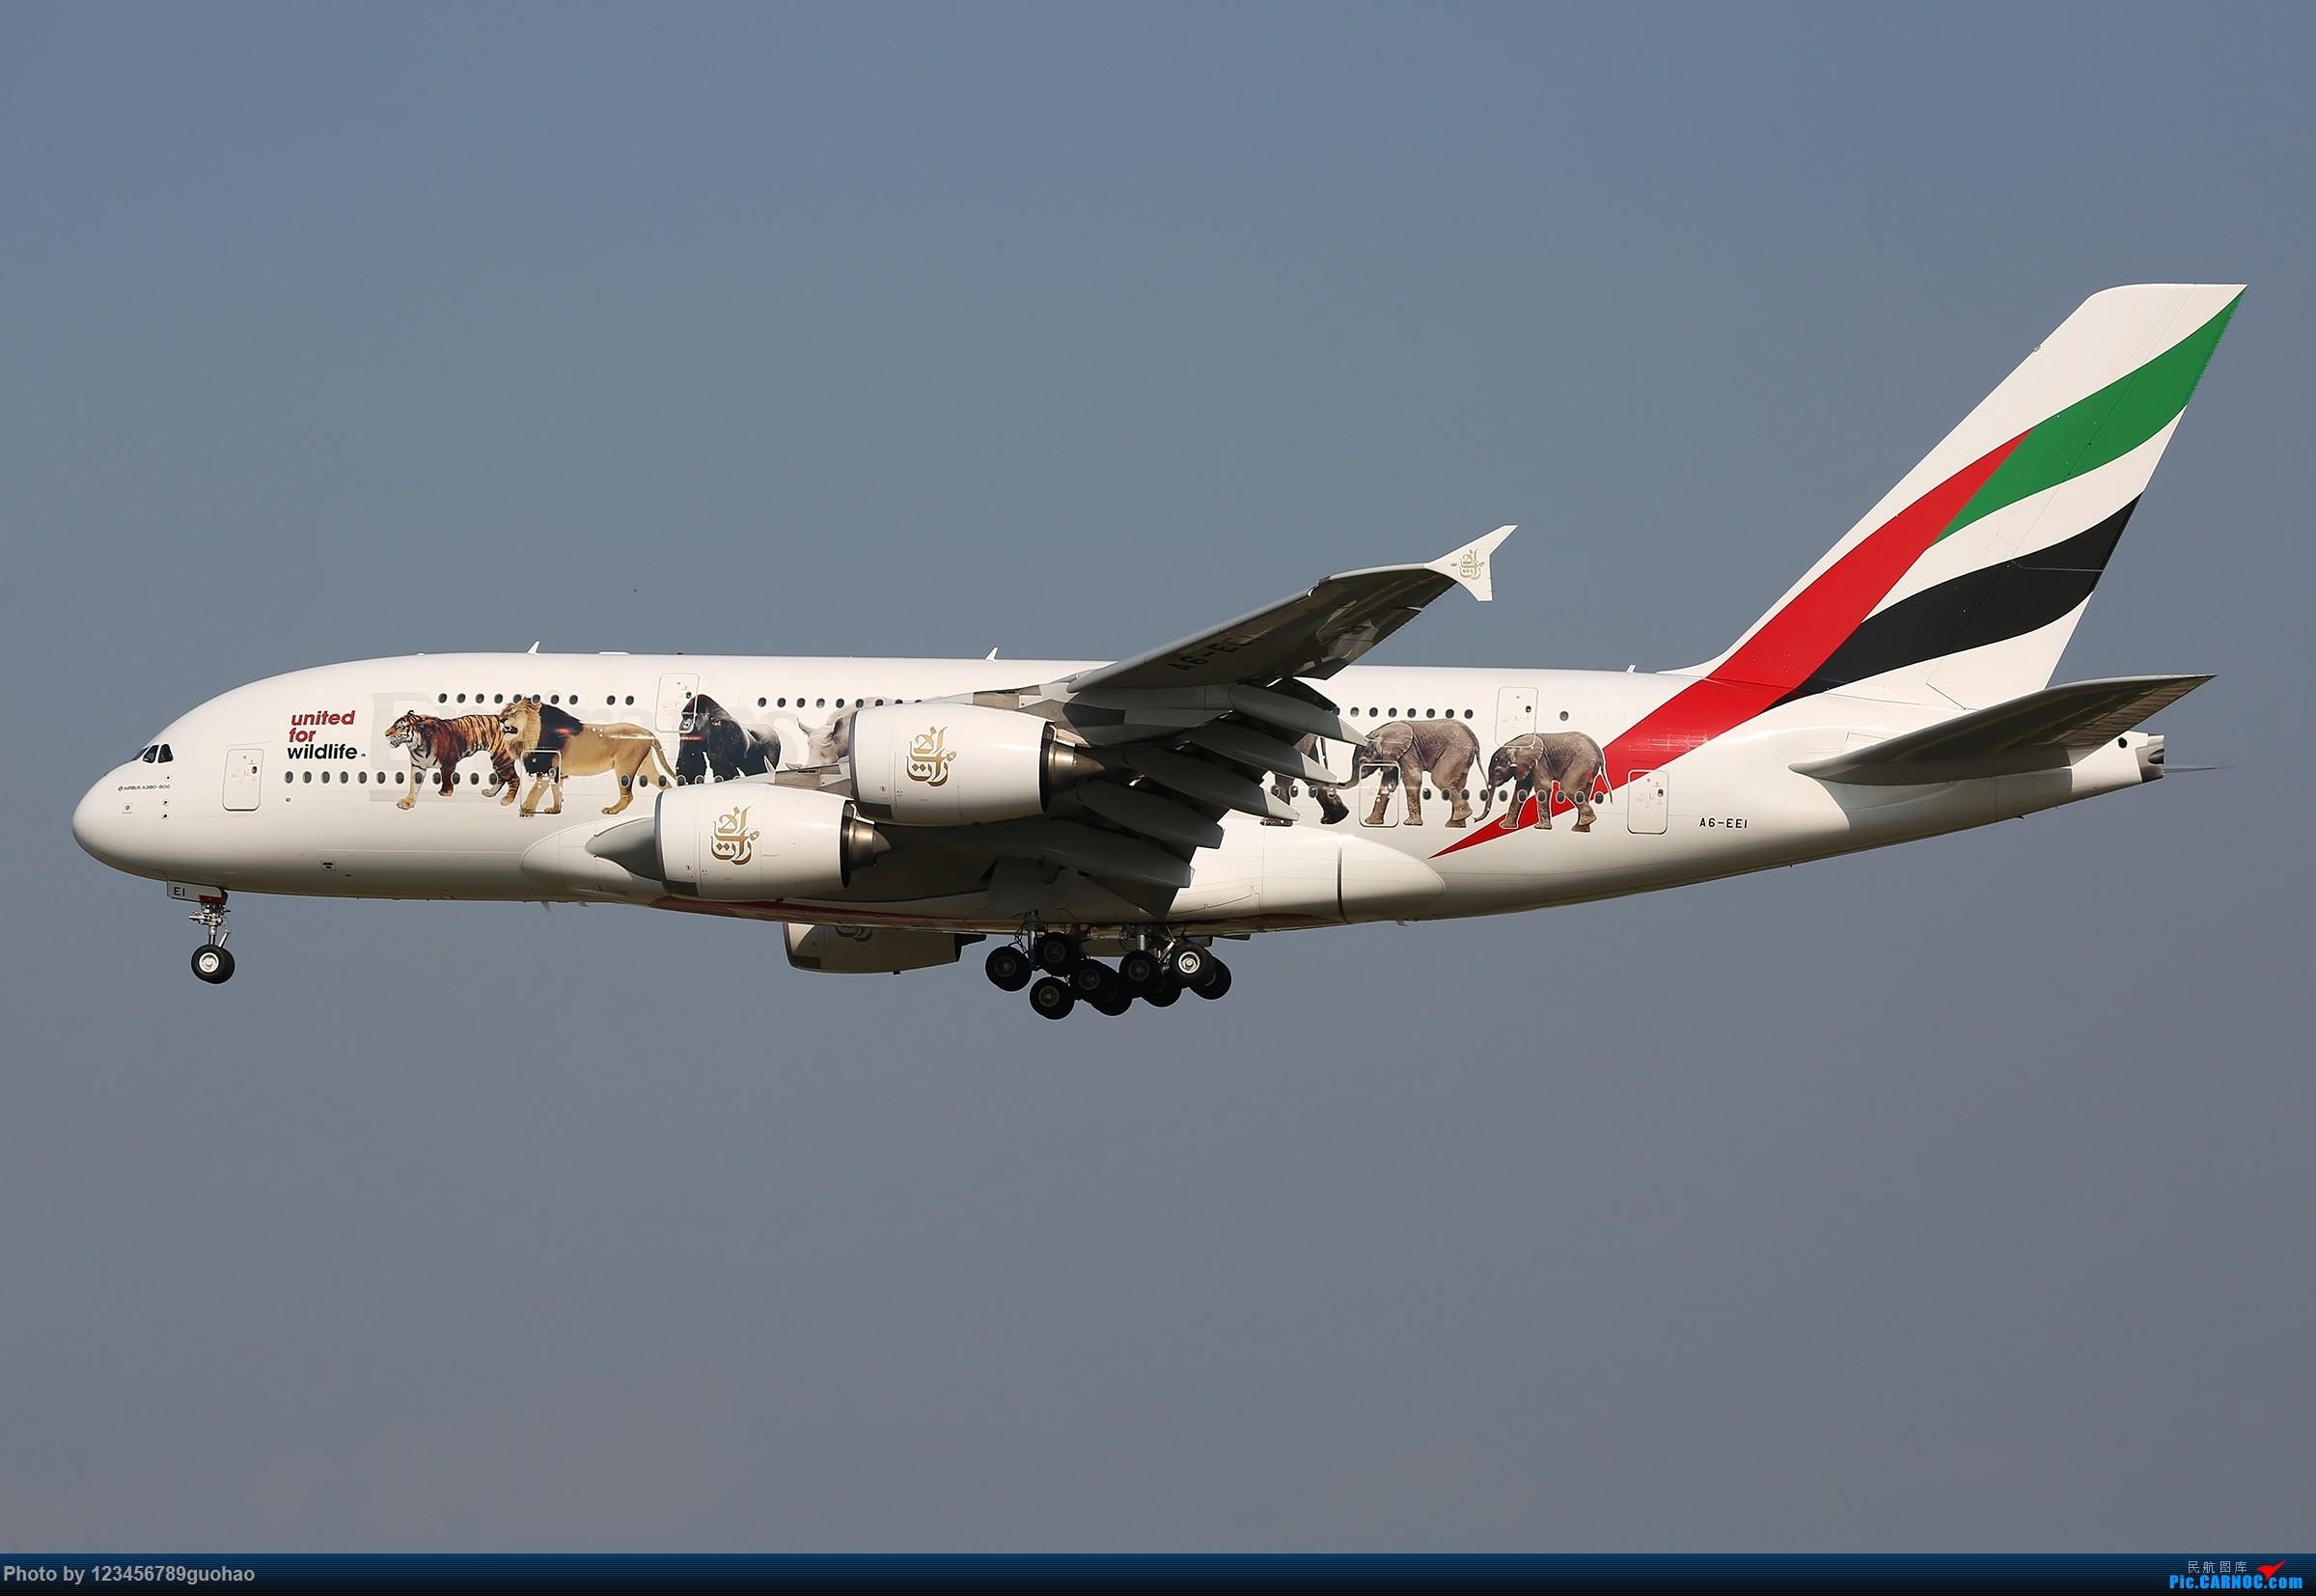 [原创]请保护我们身边的野生动物 AIRBUS A380-800 A6-EEI 北京首都机场